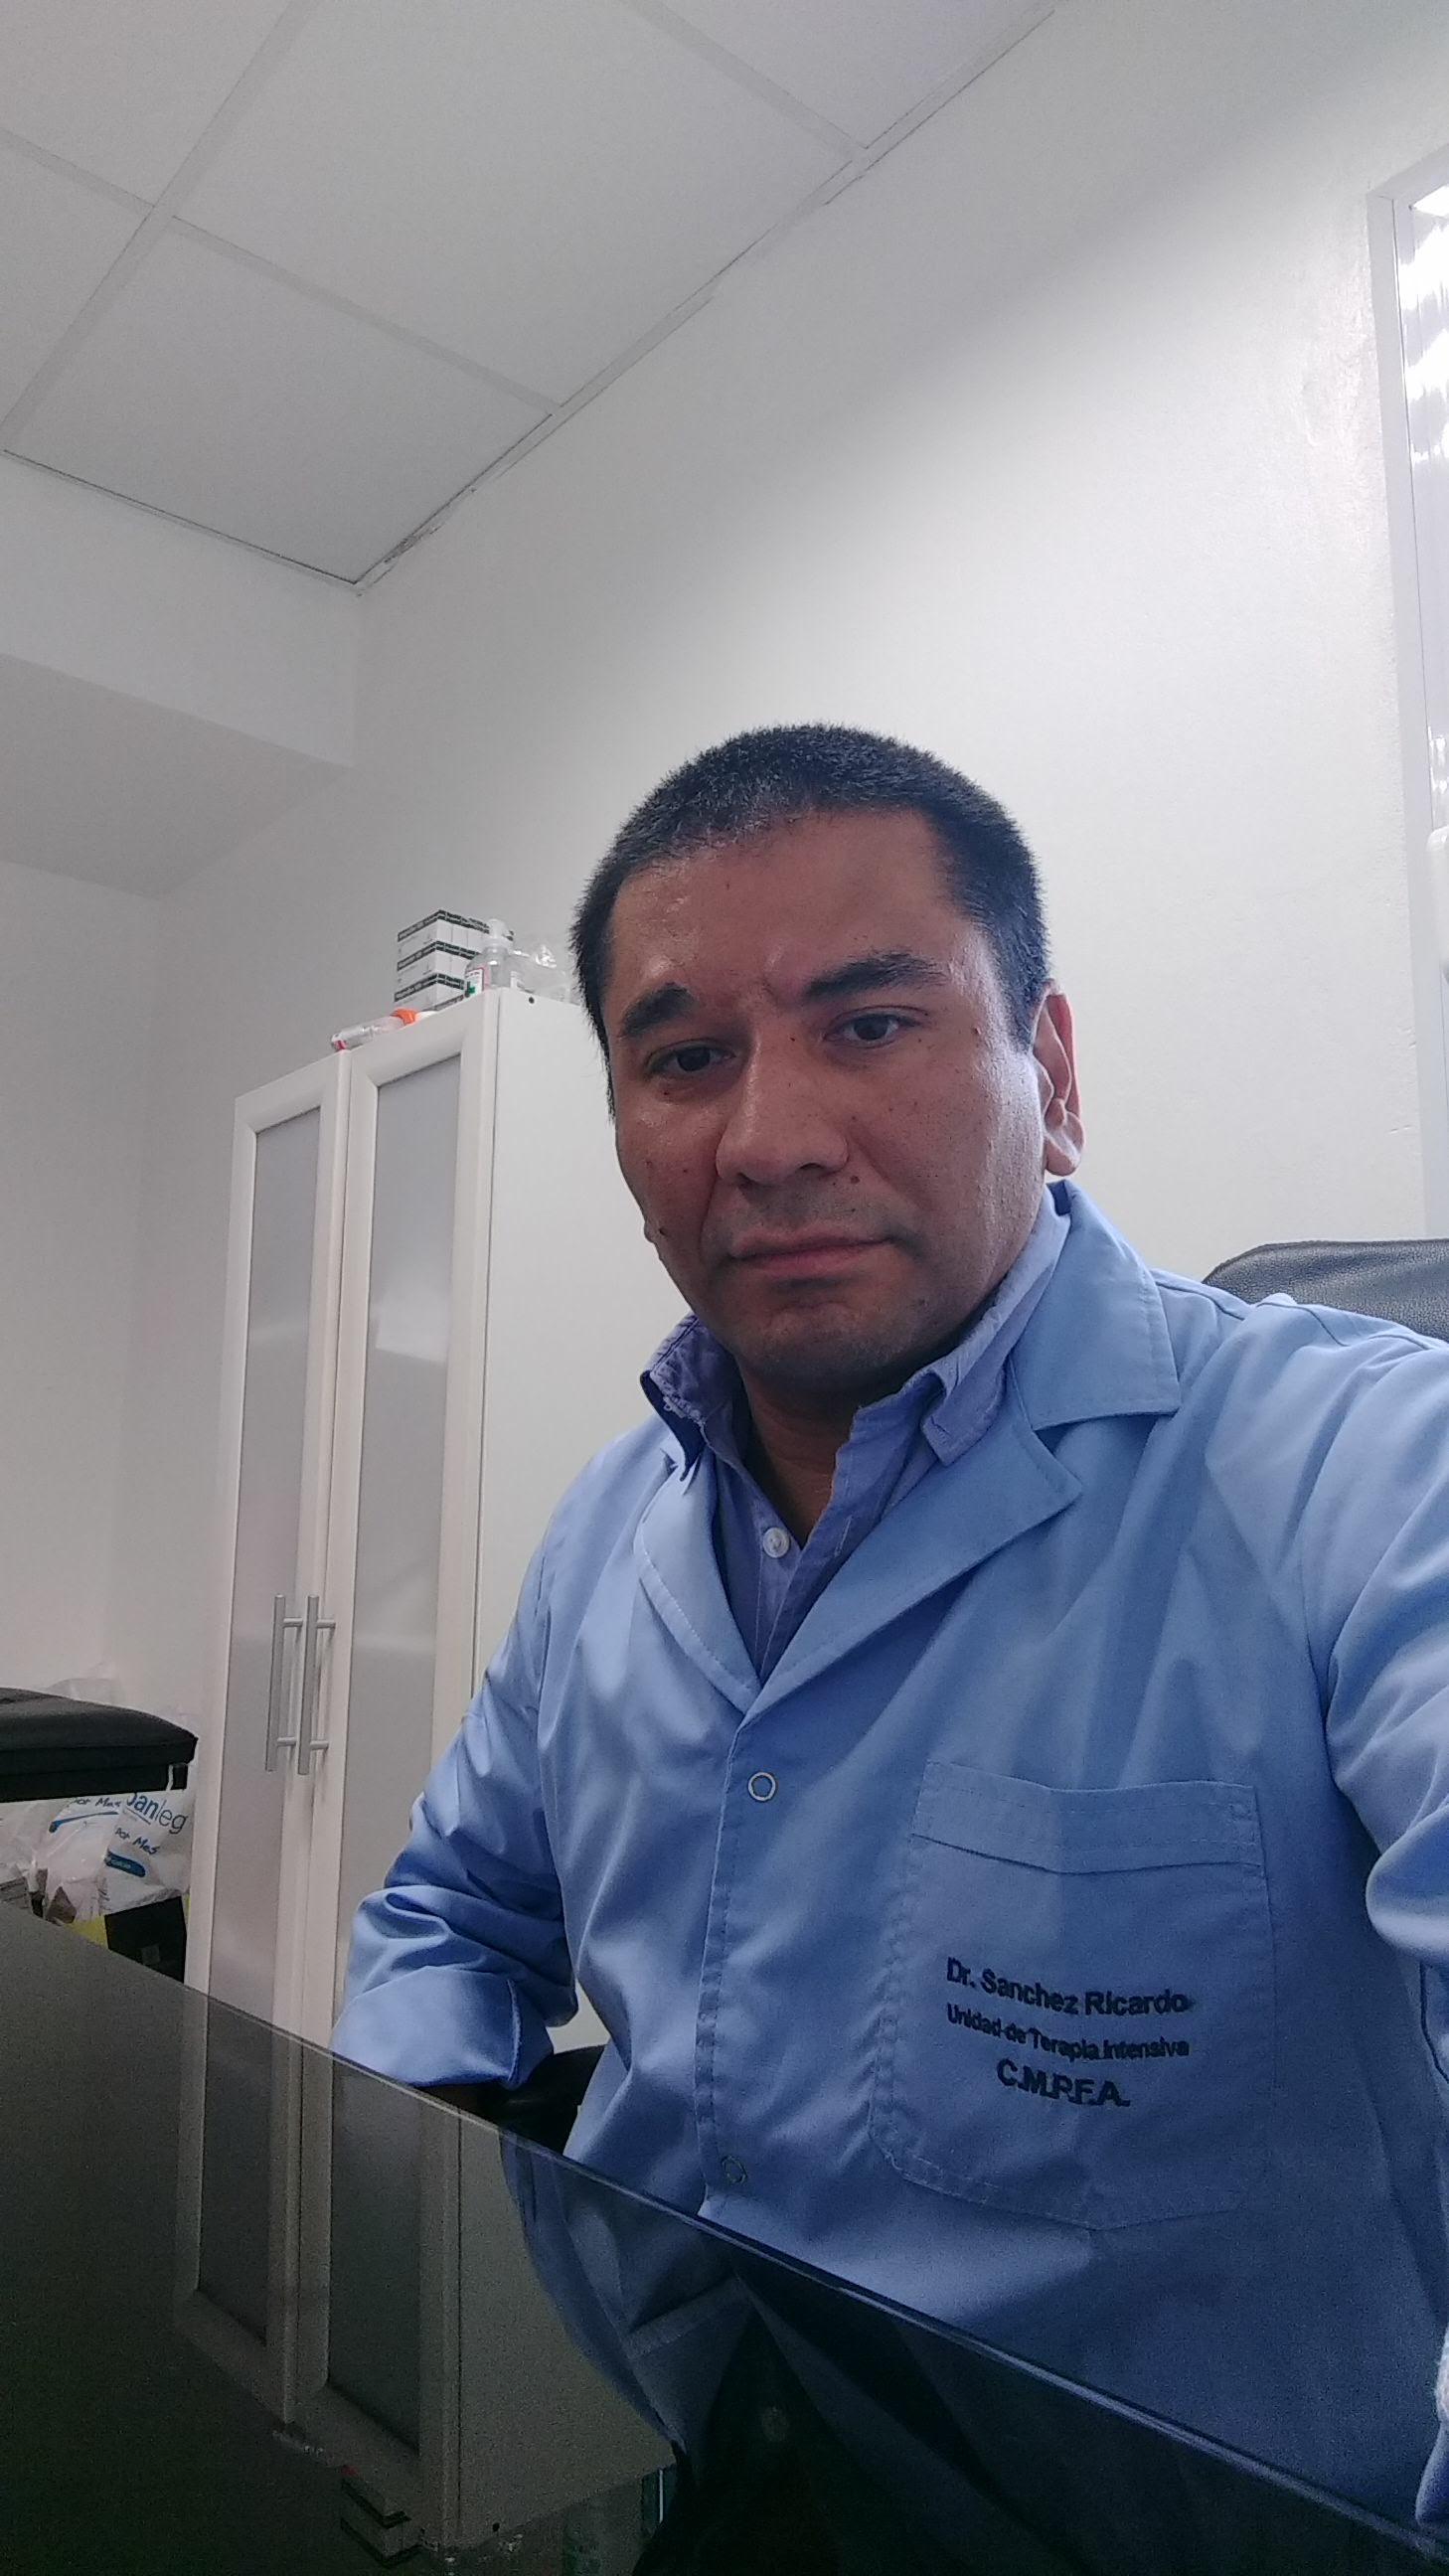 Dr. Sanchez Ricardo